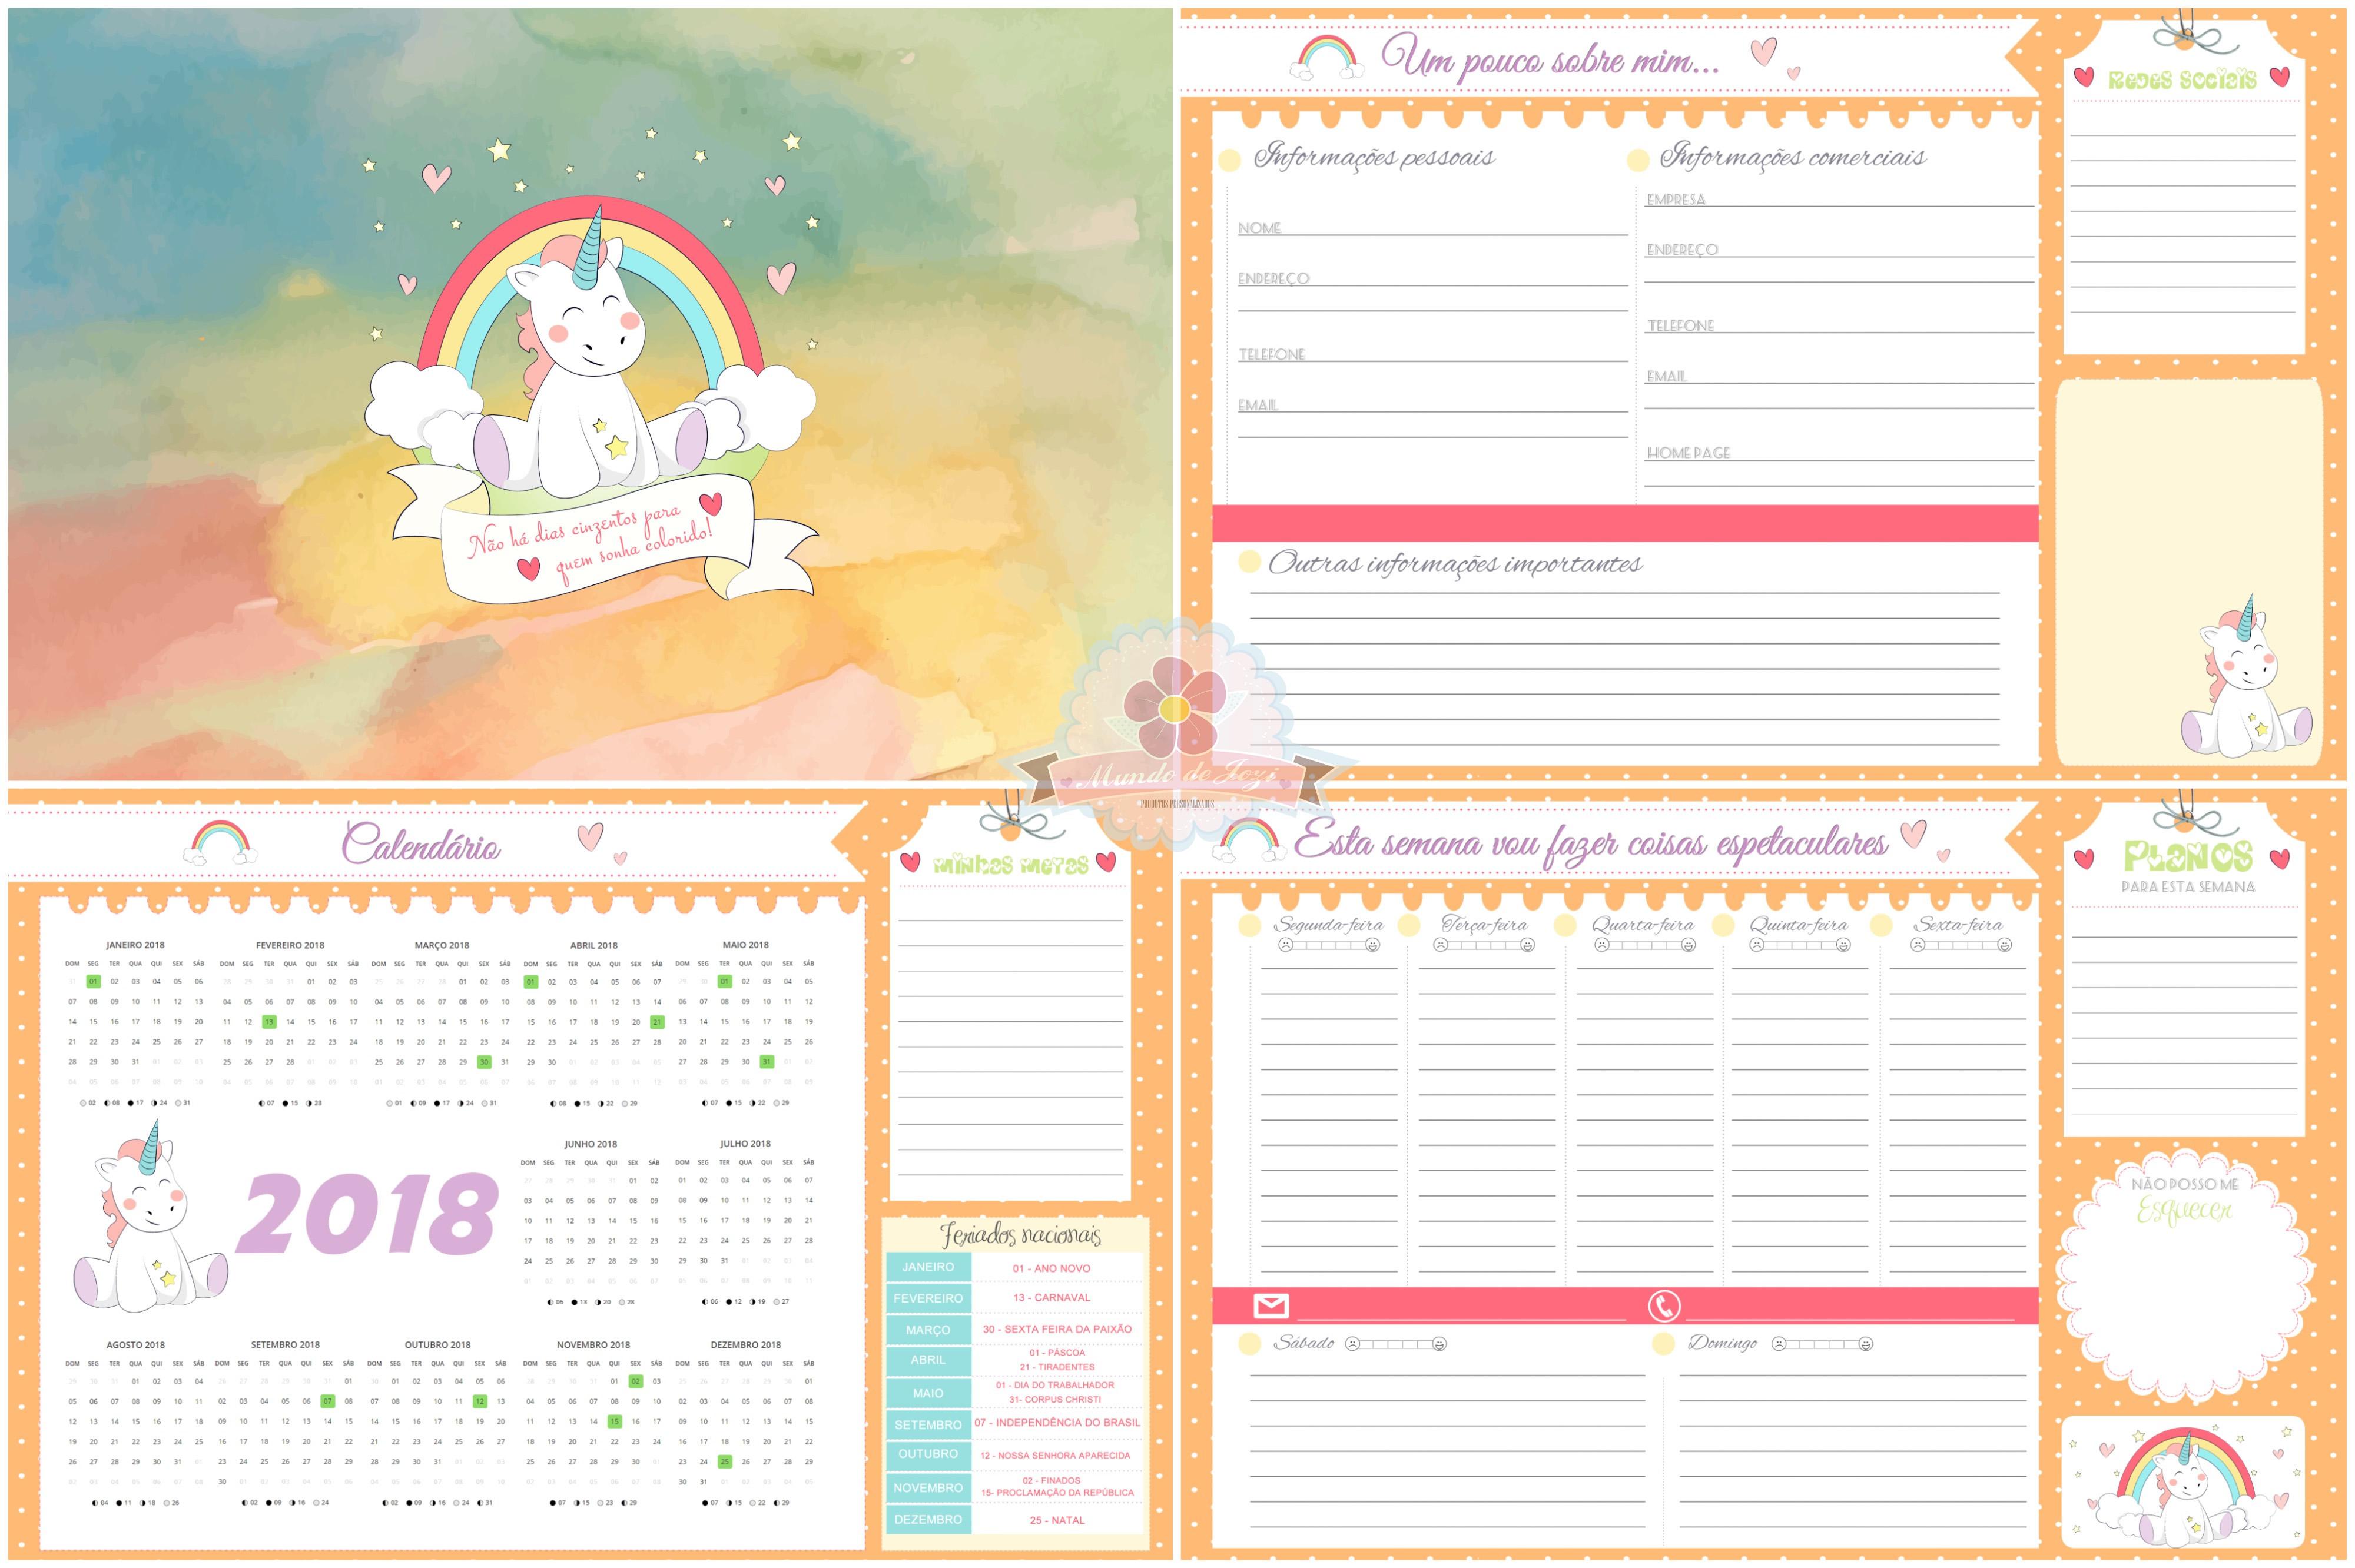 Resultado de imagem para planner semanal 2018